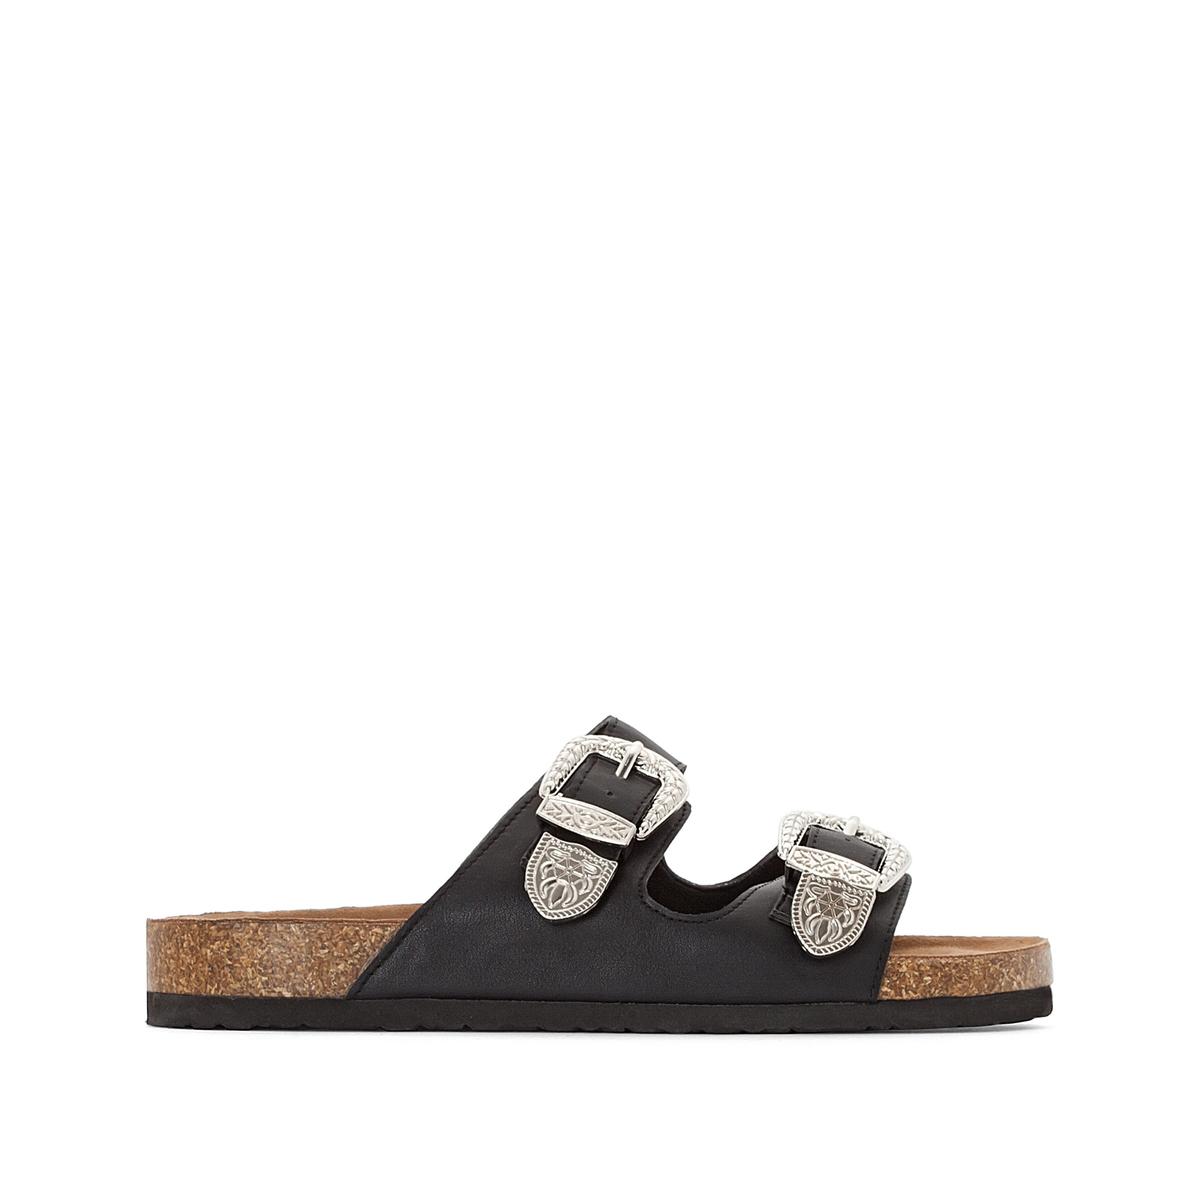 Туфли без задника в стиле вестерн ботинки в стиле вестерн